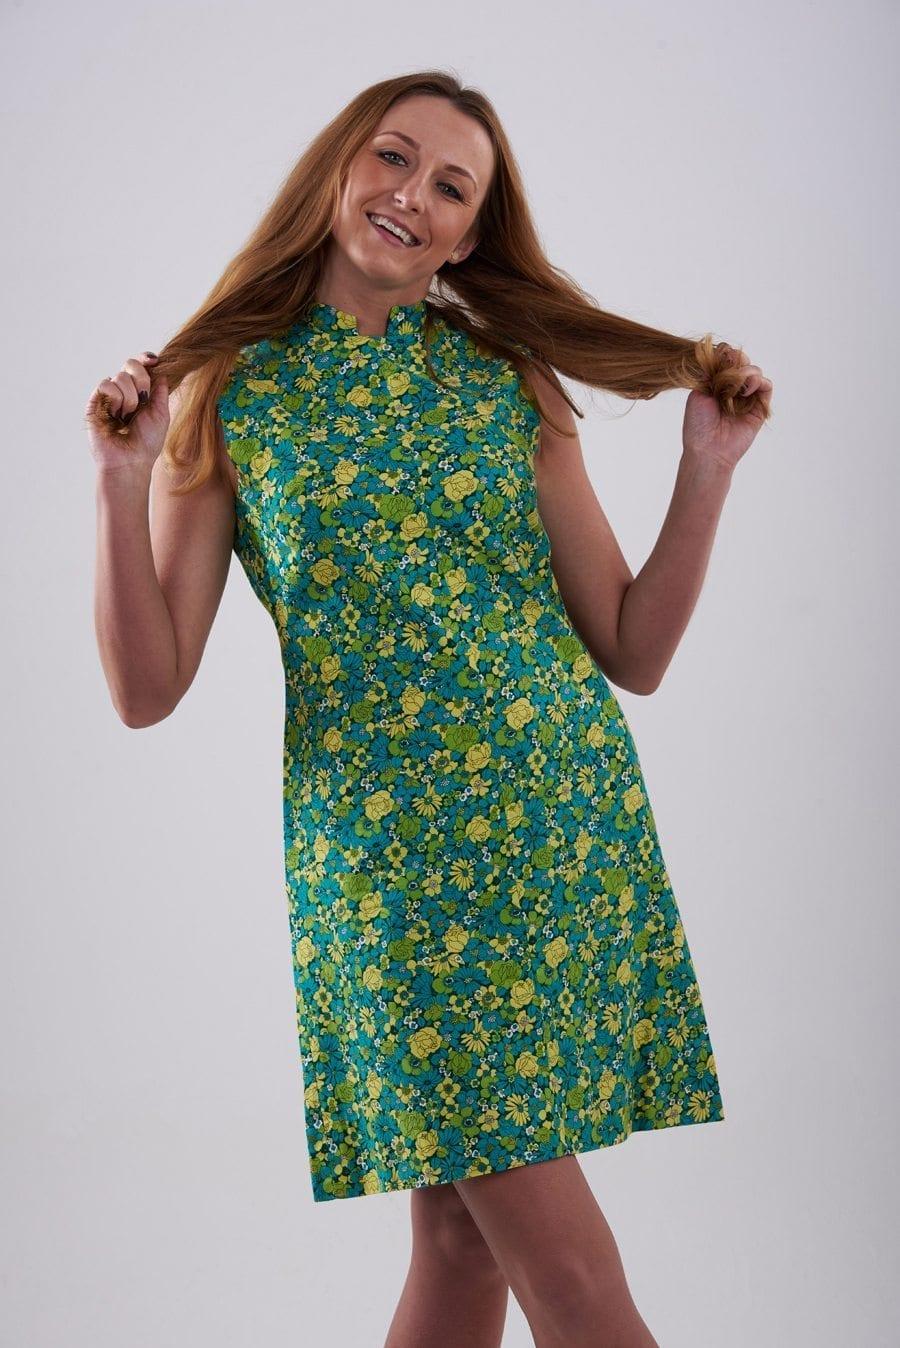 Vintage floralshift dress